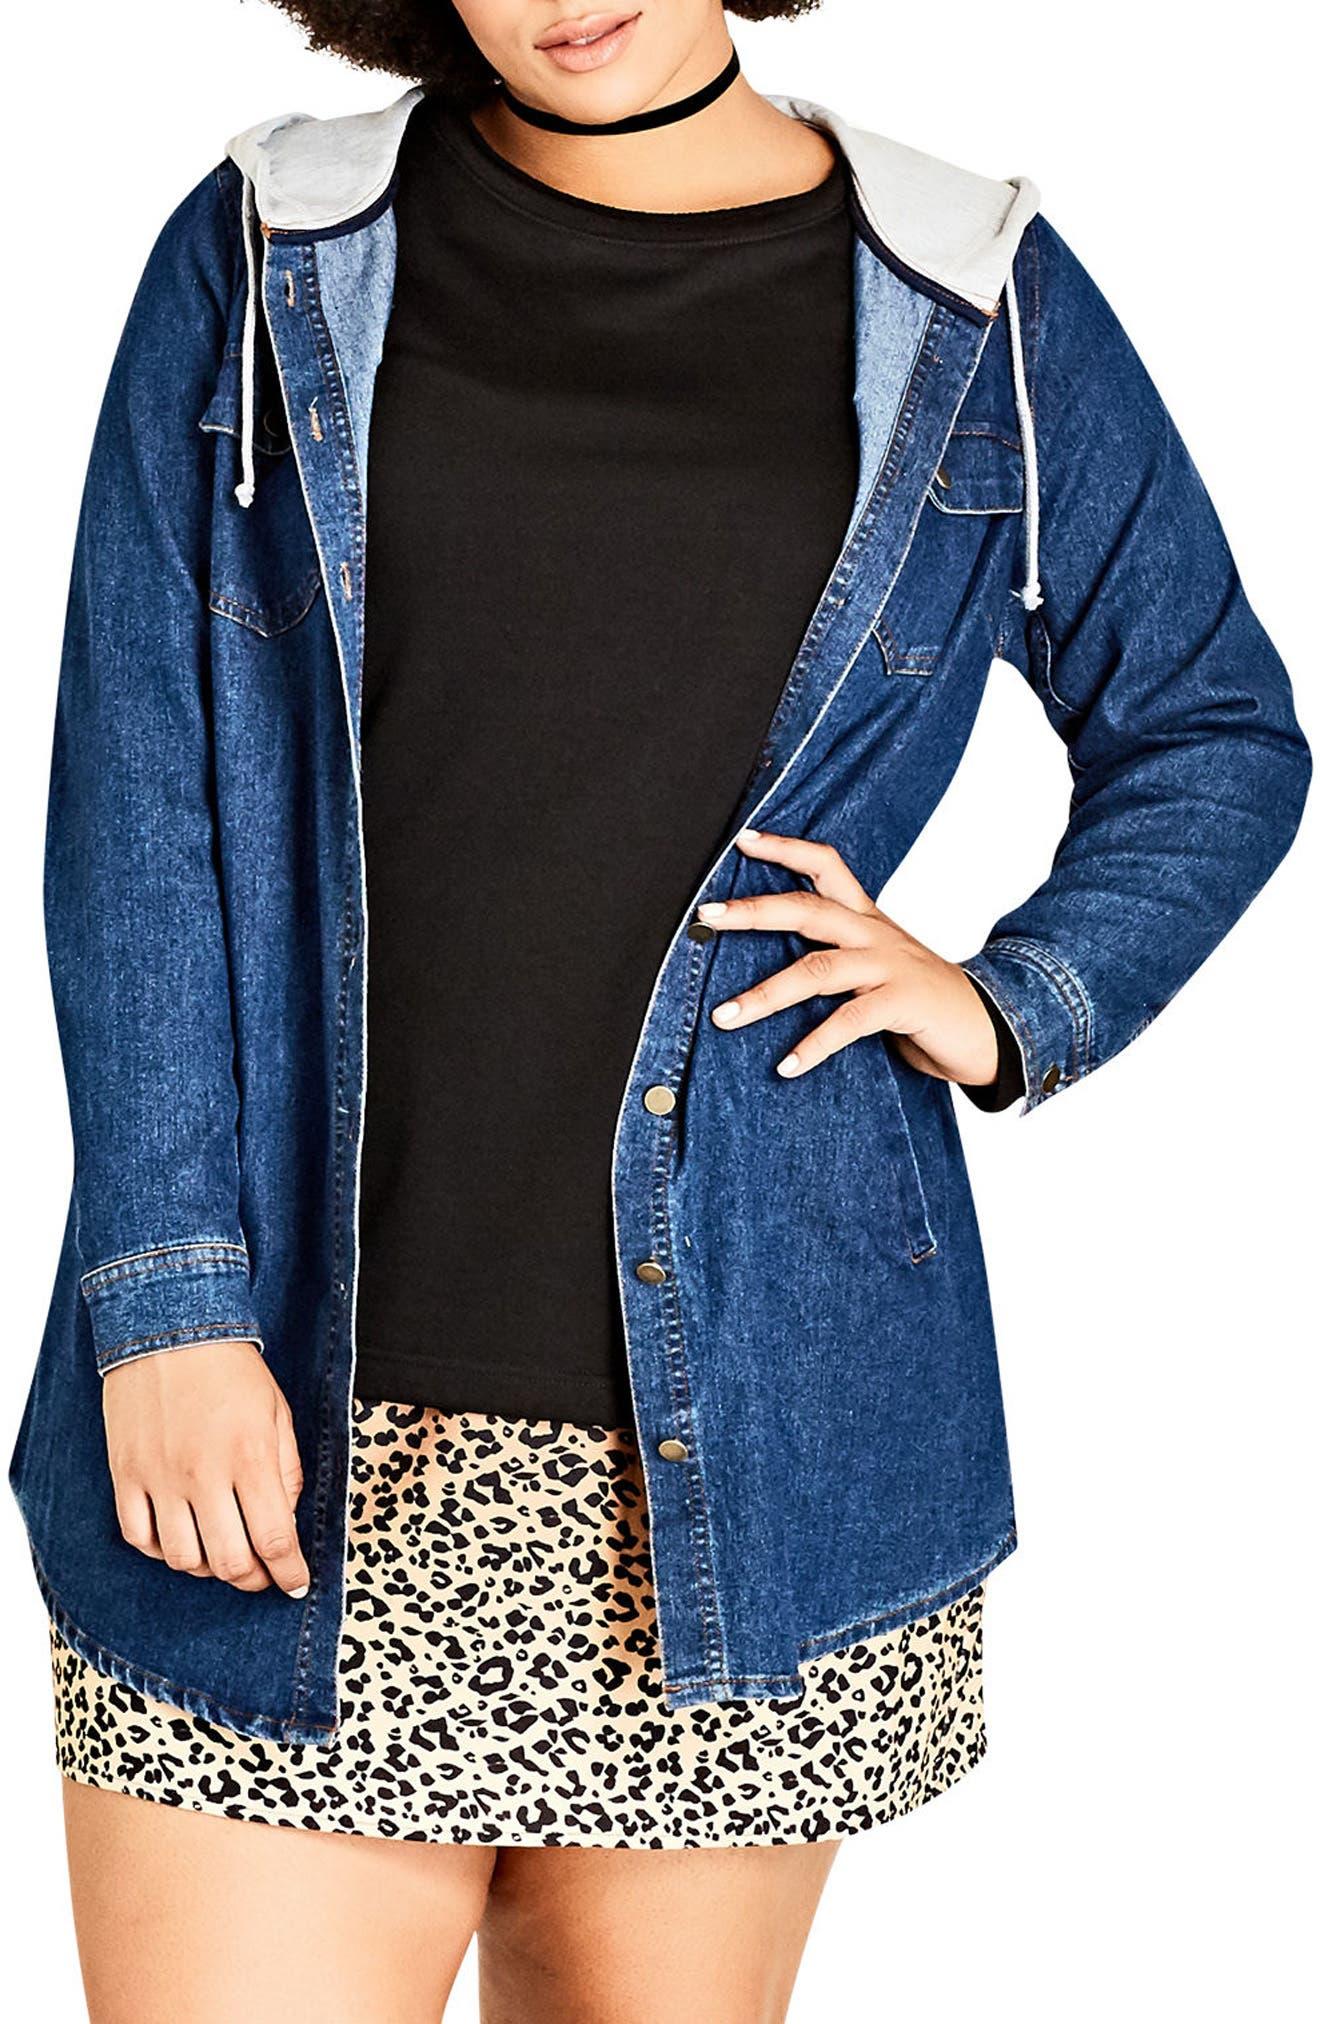 Main Image - City Chic Denim Vibe Hooded Jacket (Plus Size)